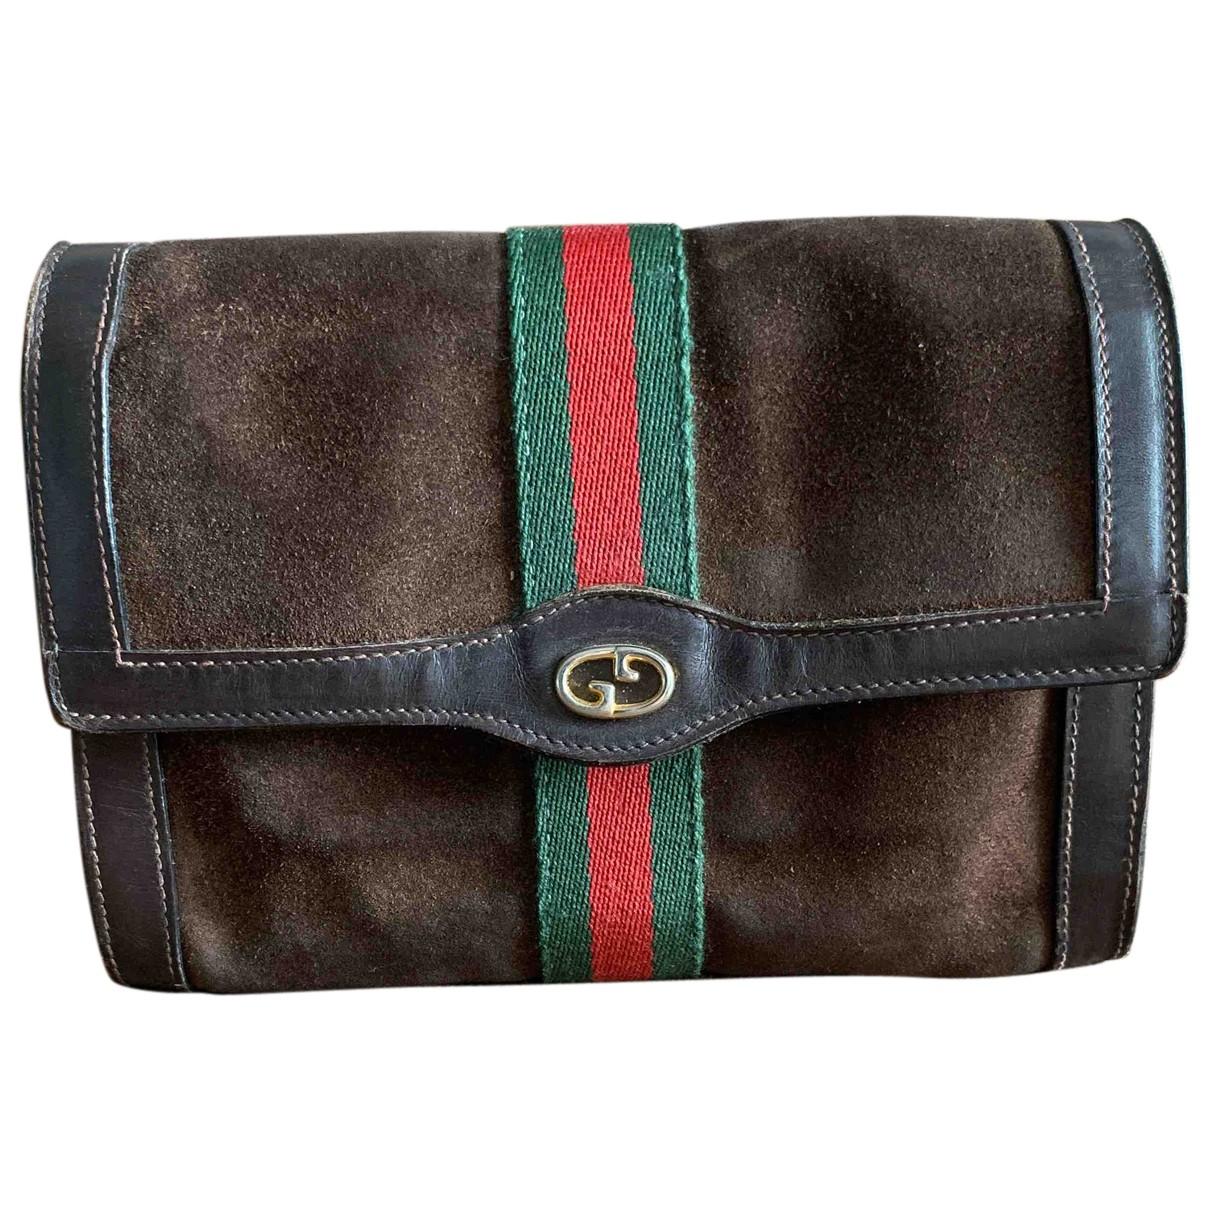 Bolsos clutch en Ante Marron Gucci